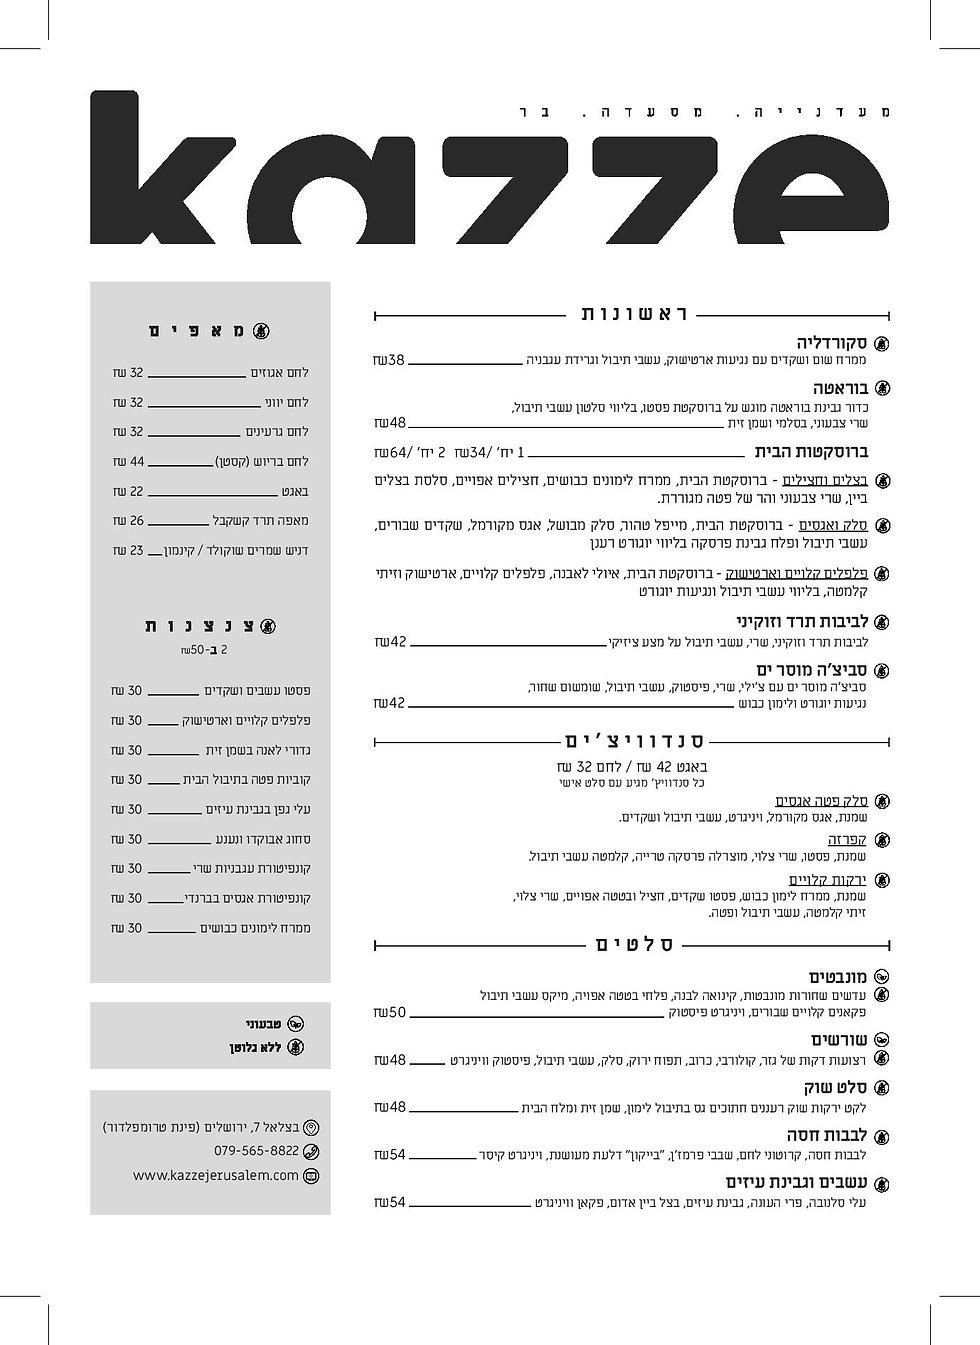 תפריט (1)-page-001 (1).jpg